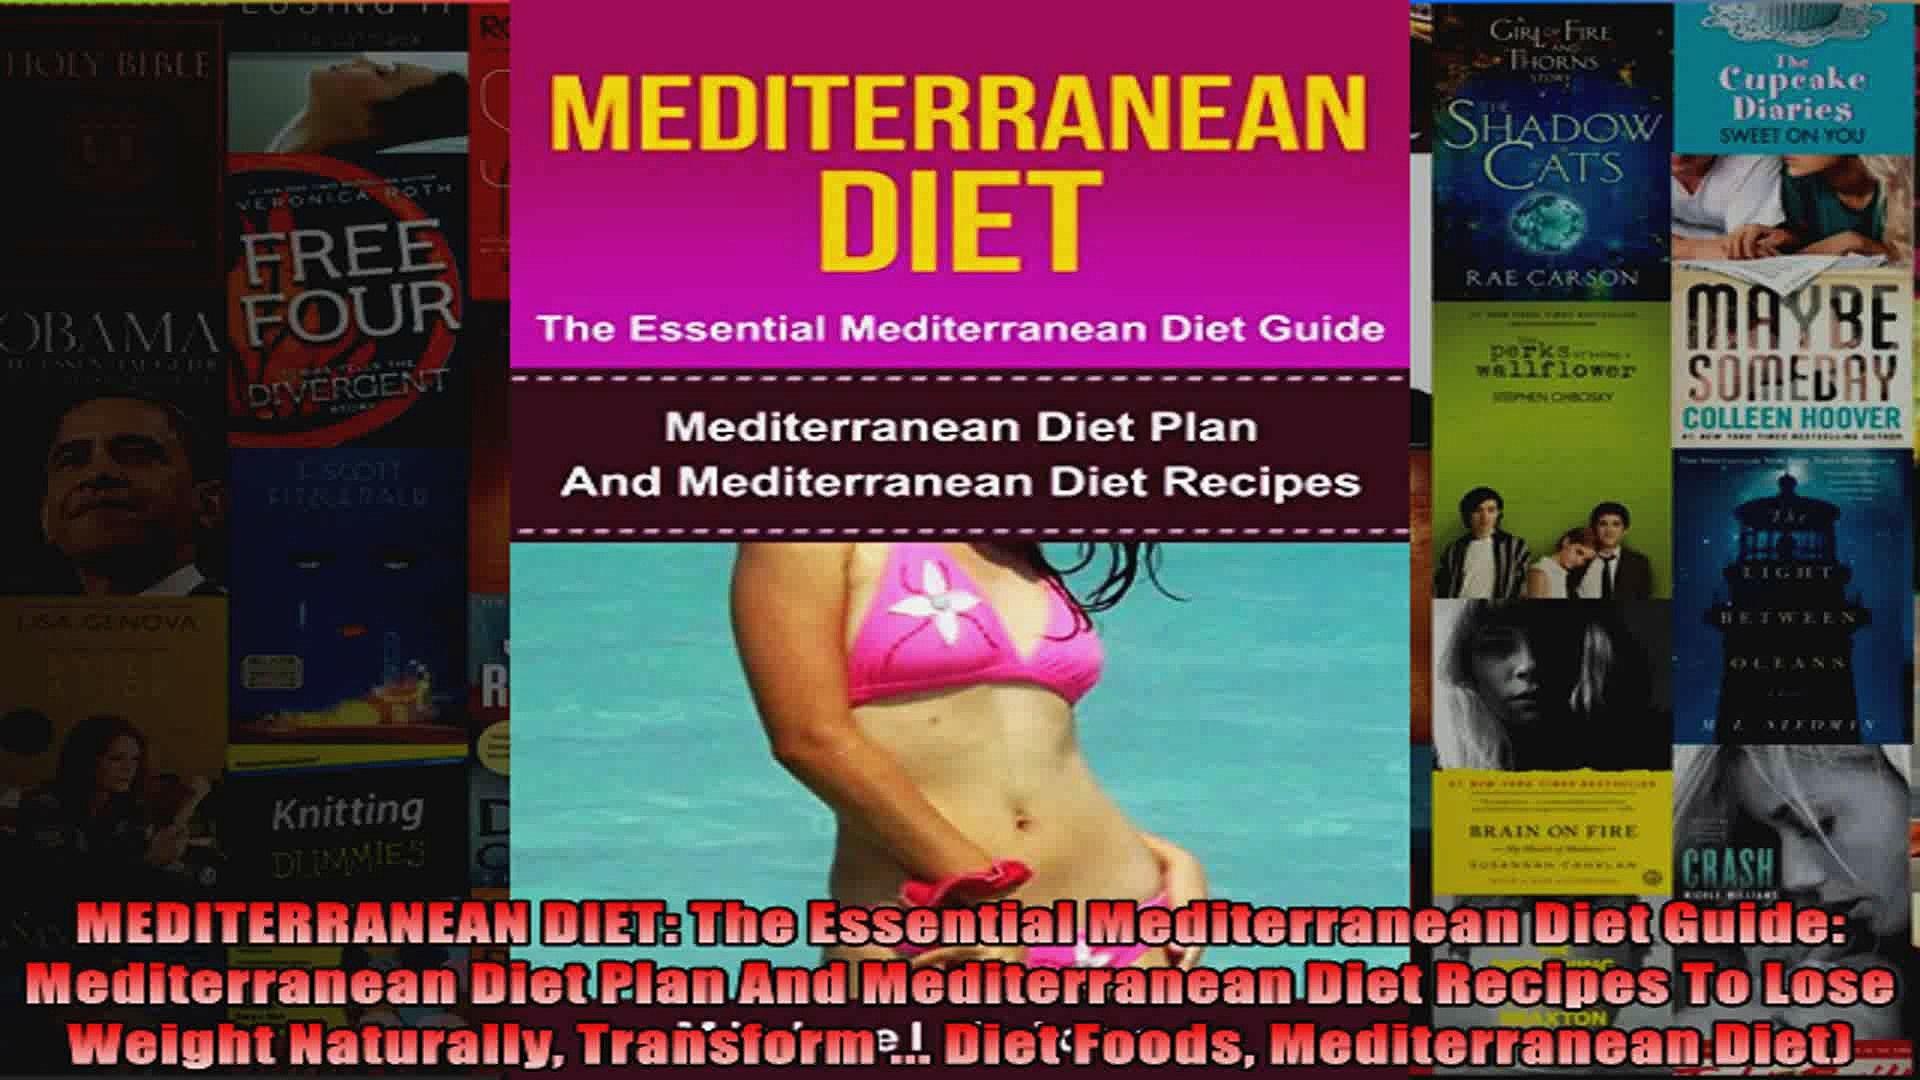 Read  MEDITERRANEAN DIET The Essential Mediterranean Diet Guide Mediterranean Diet Plan And  Full EB